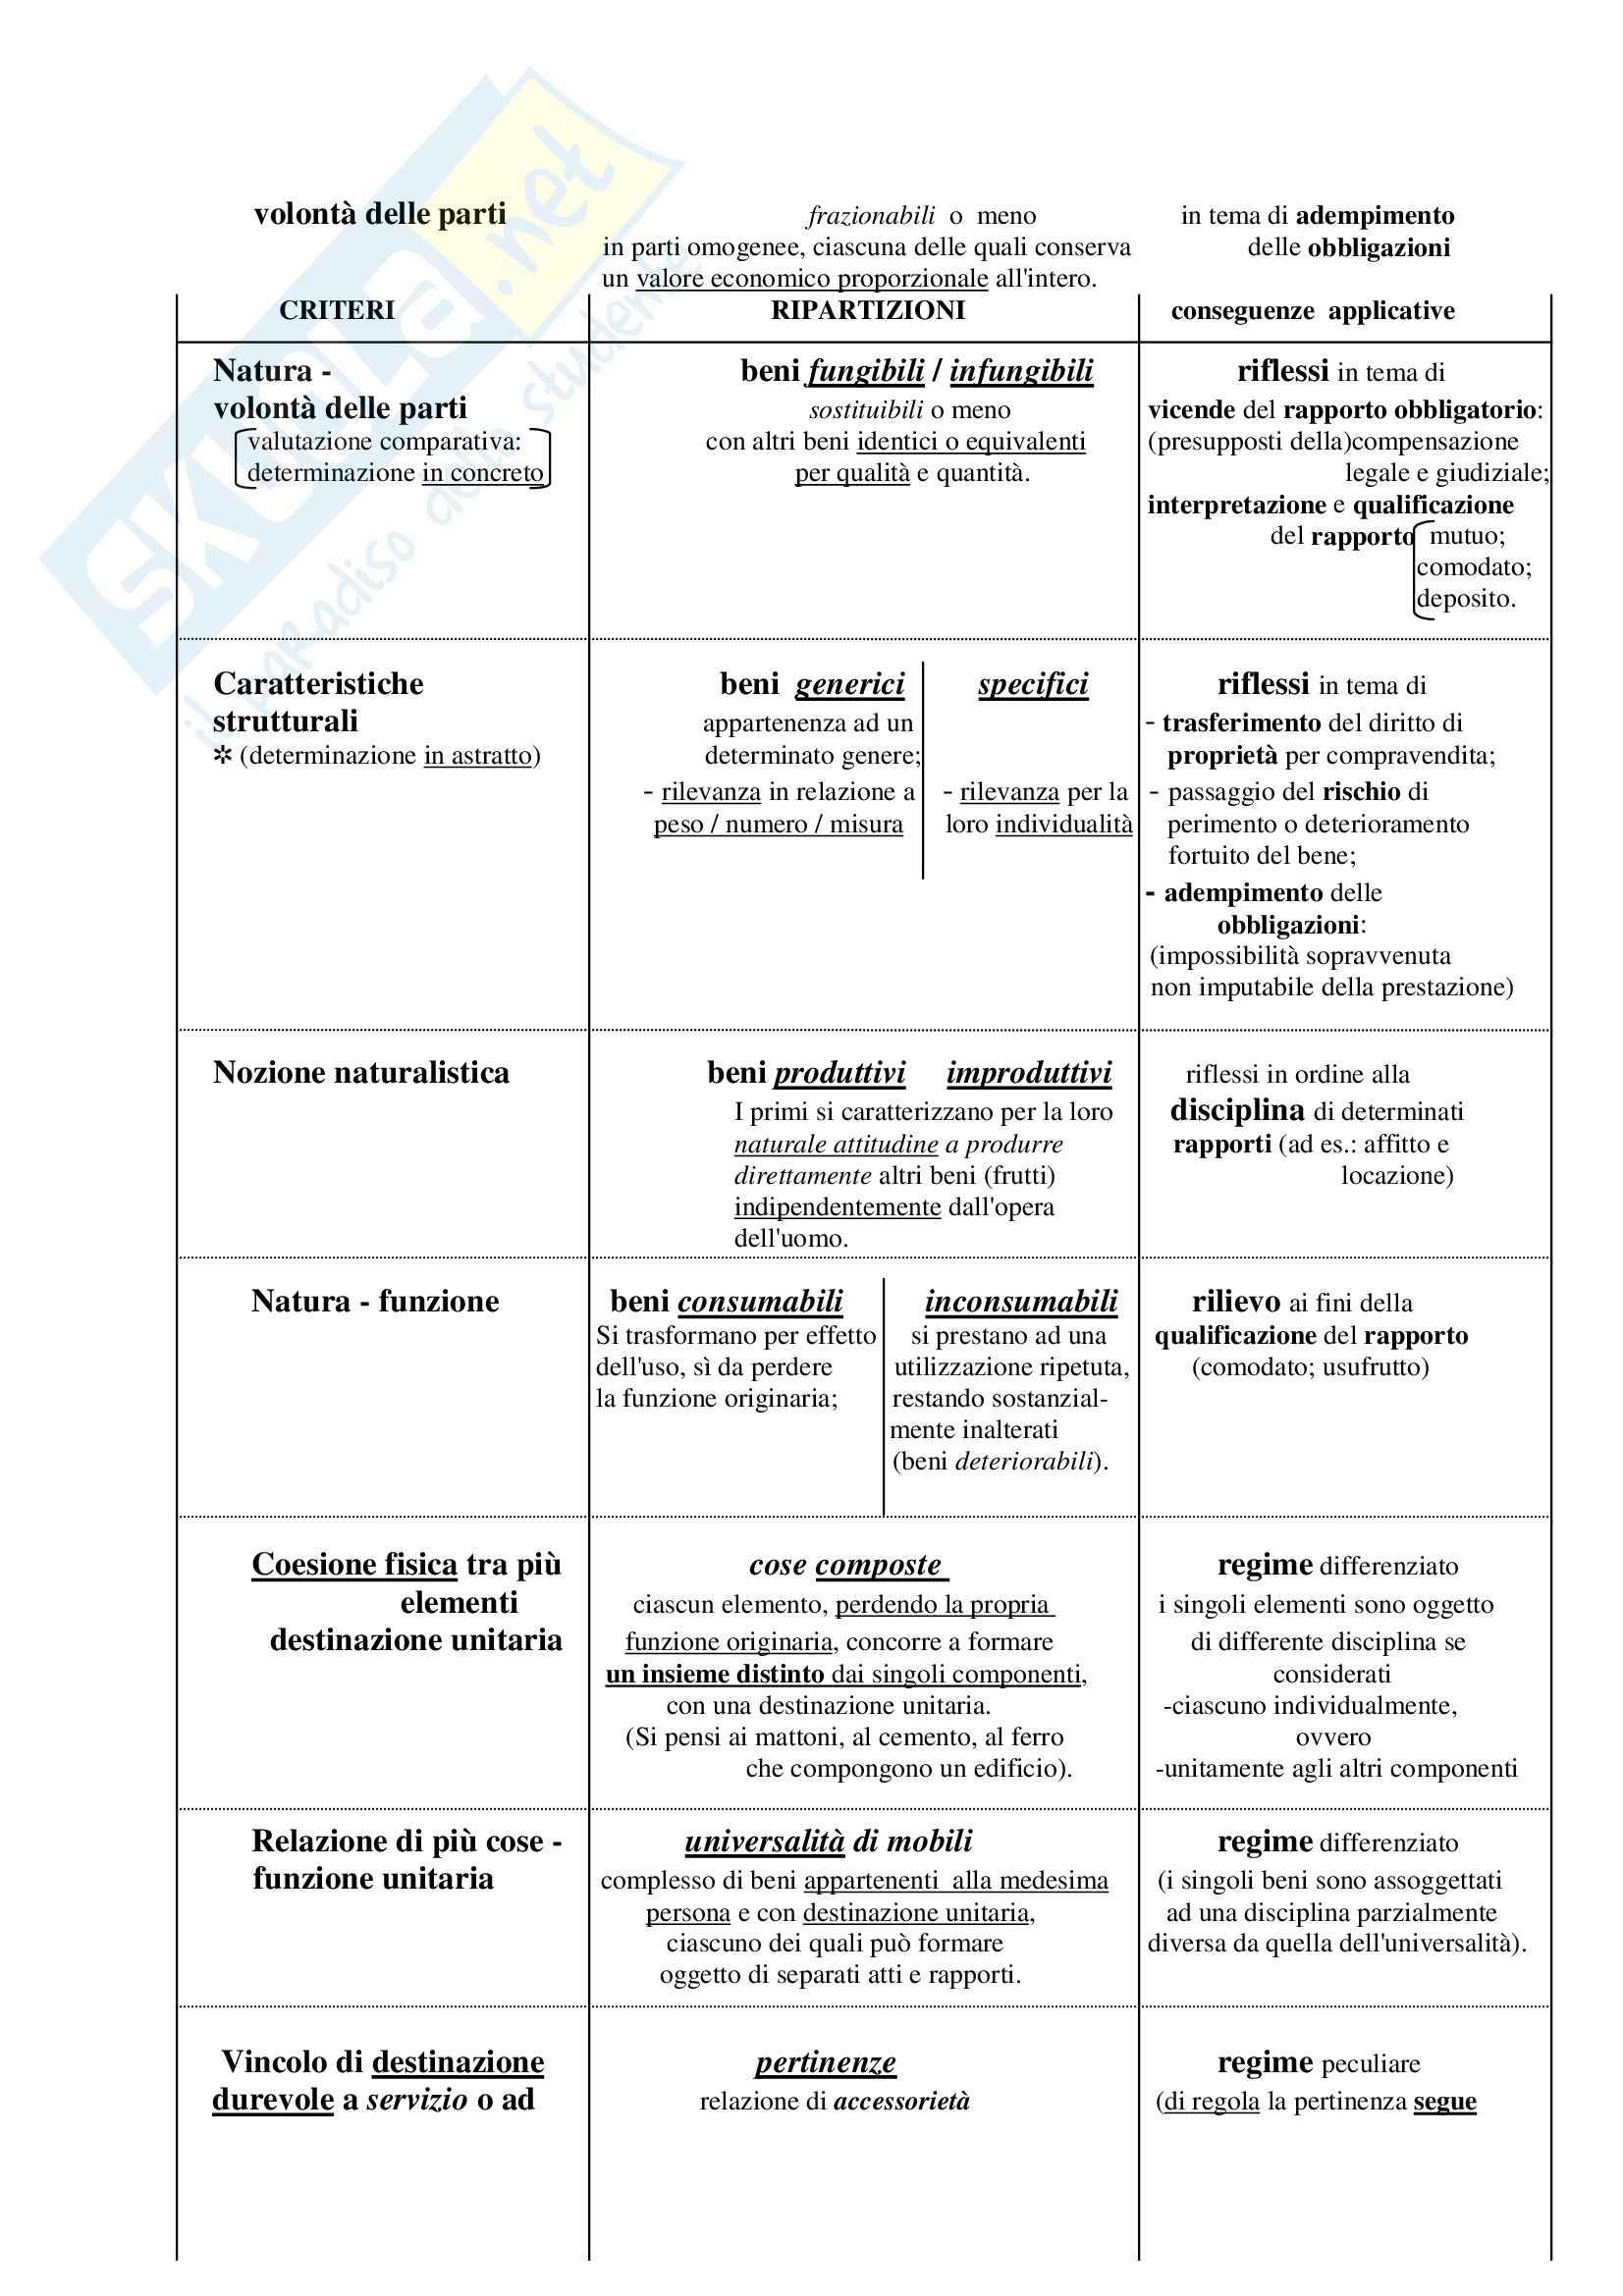 Manuale di diritto civile, Perlingieri - Schemi Pag. 31